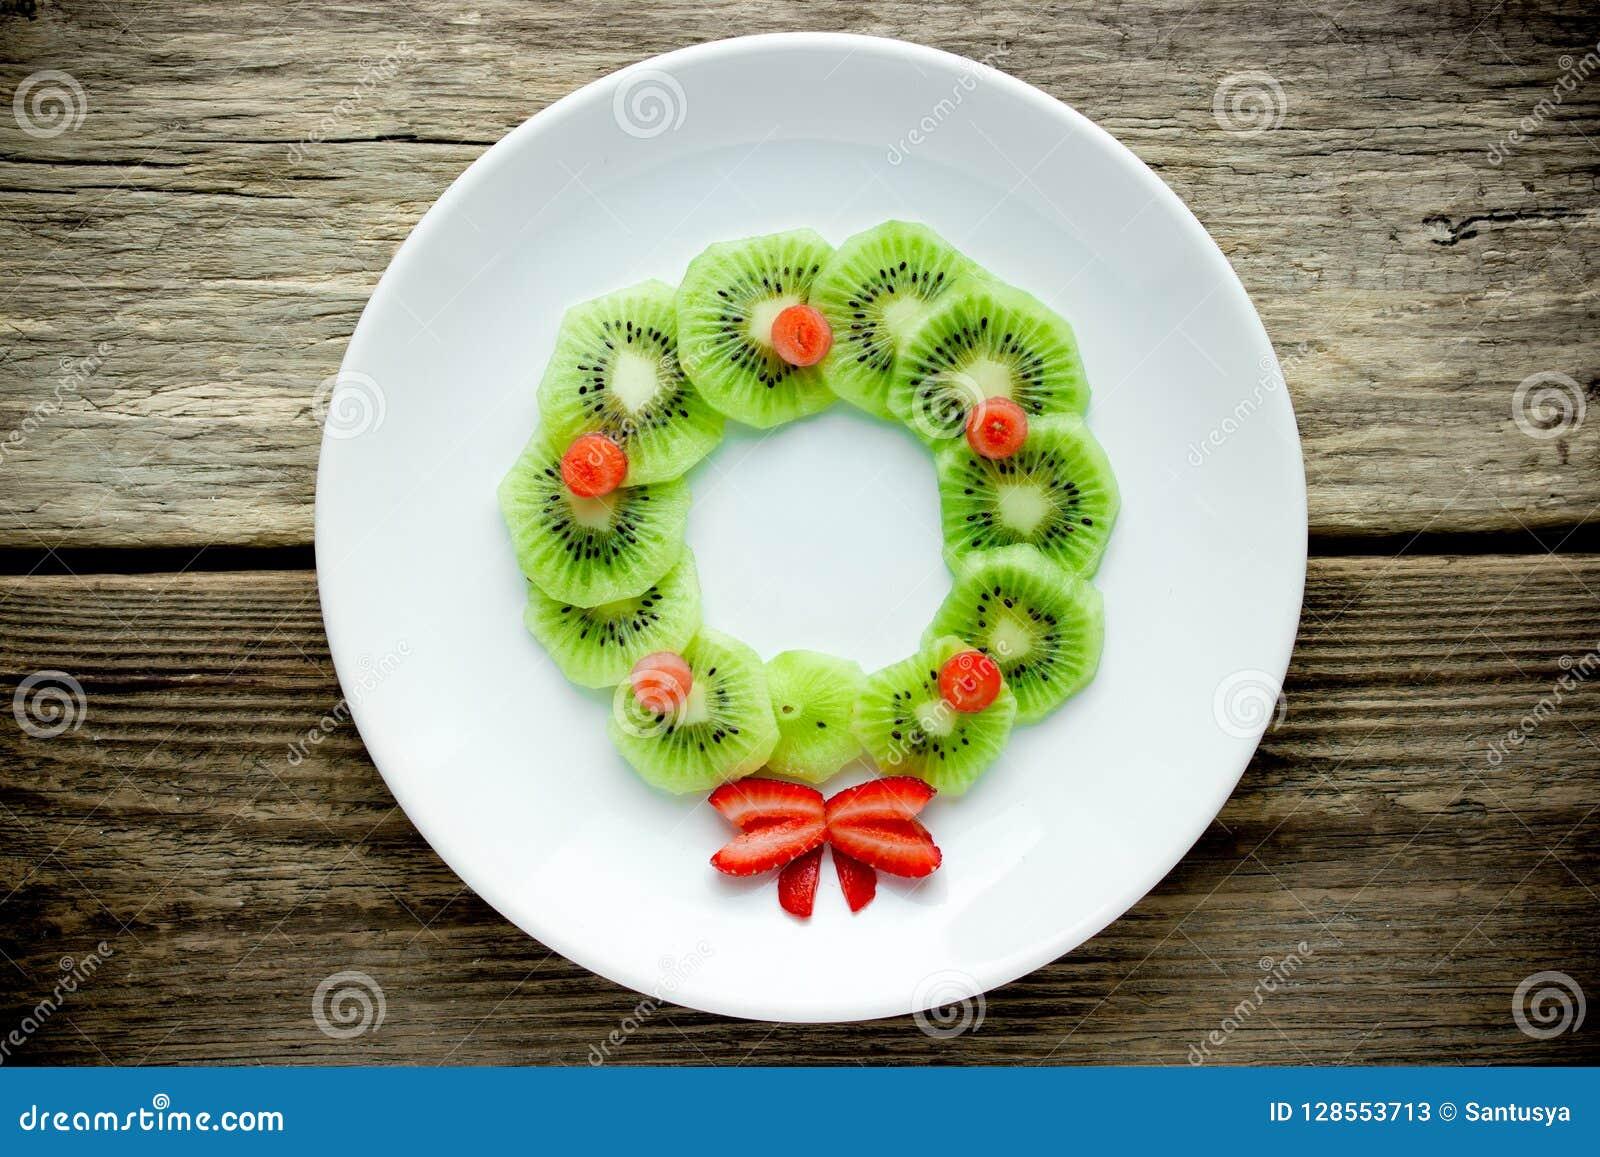 Rolig xmas-matidé för ungar - krans för jul för kiwijordgubbe ätlig